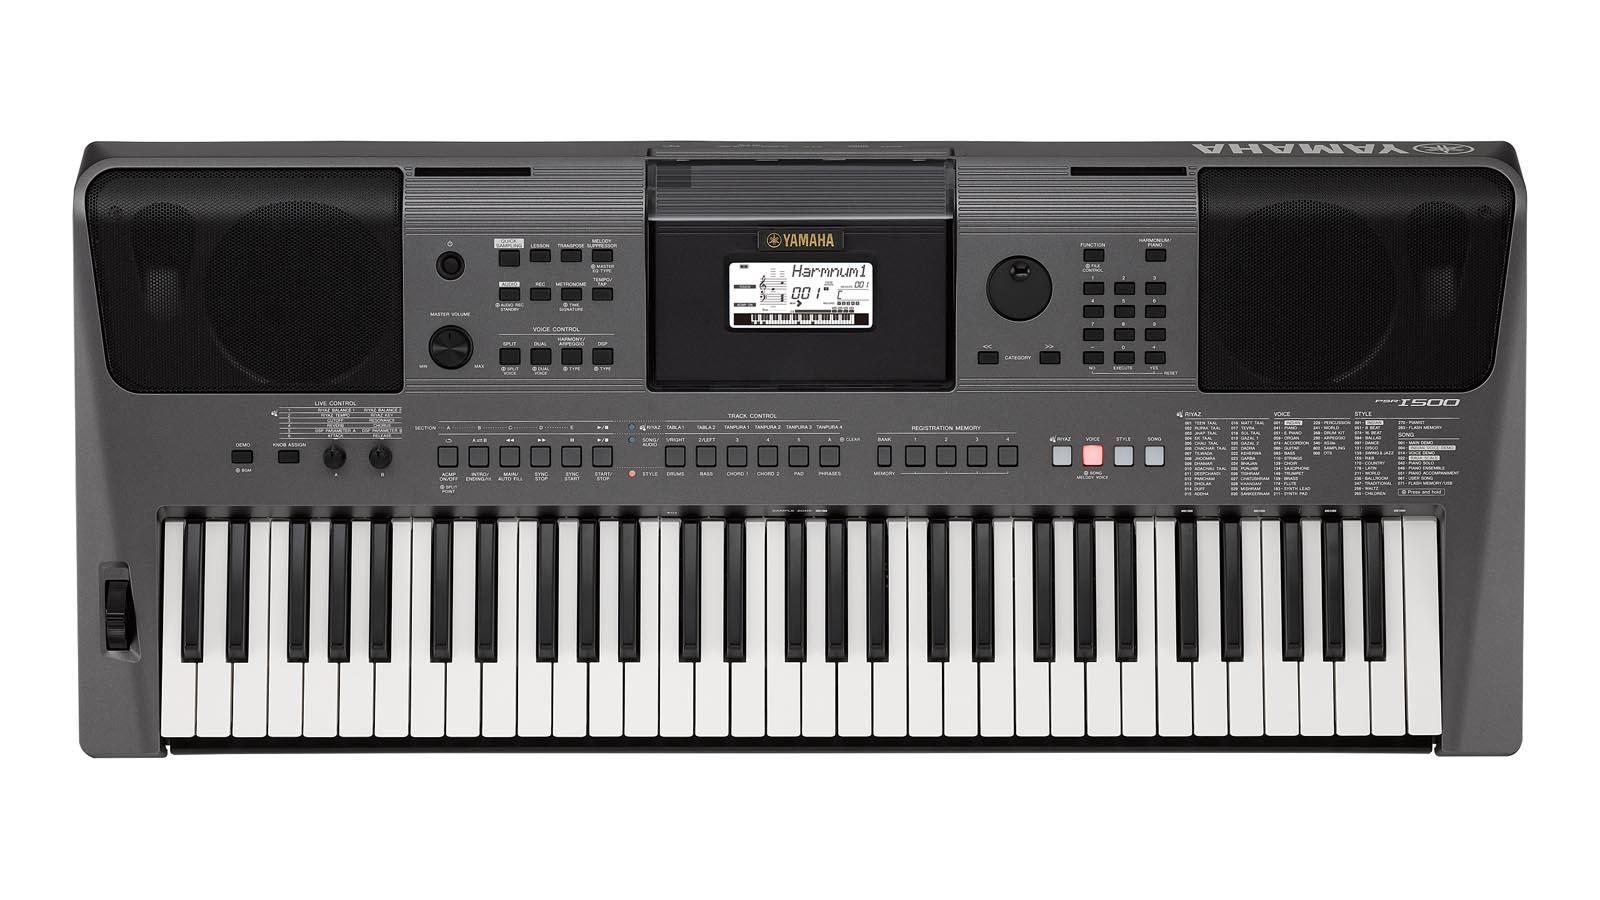 Yamaha PSR-I500 Keyboard